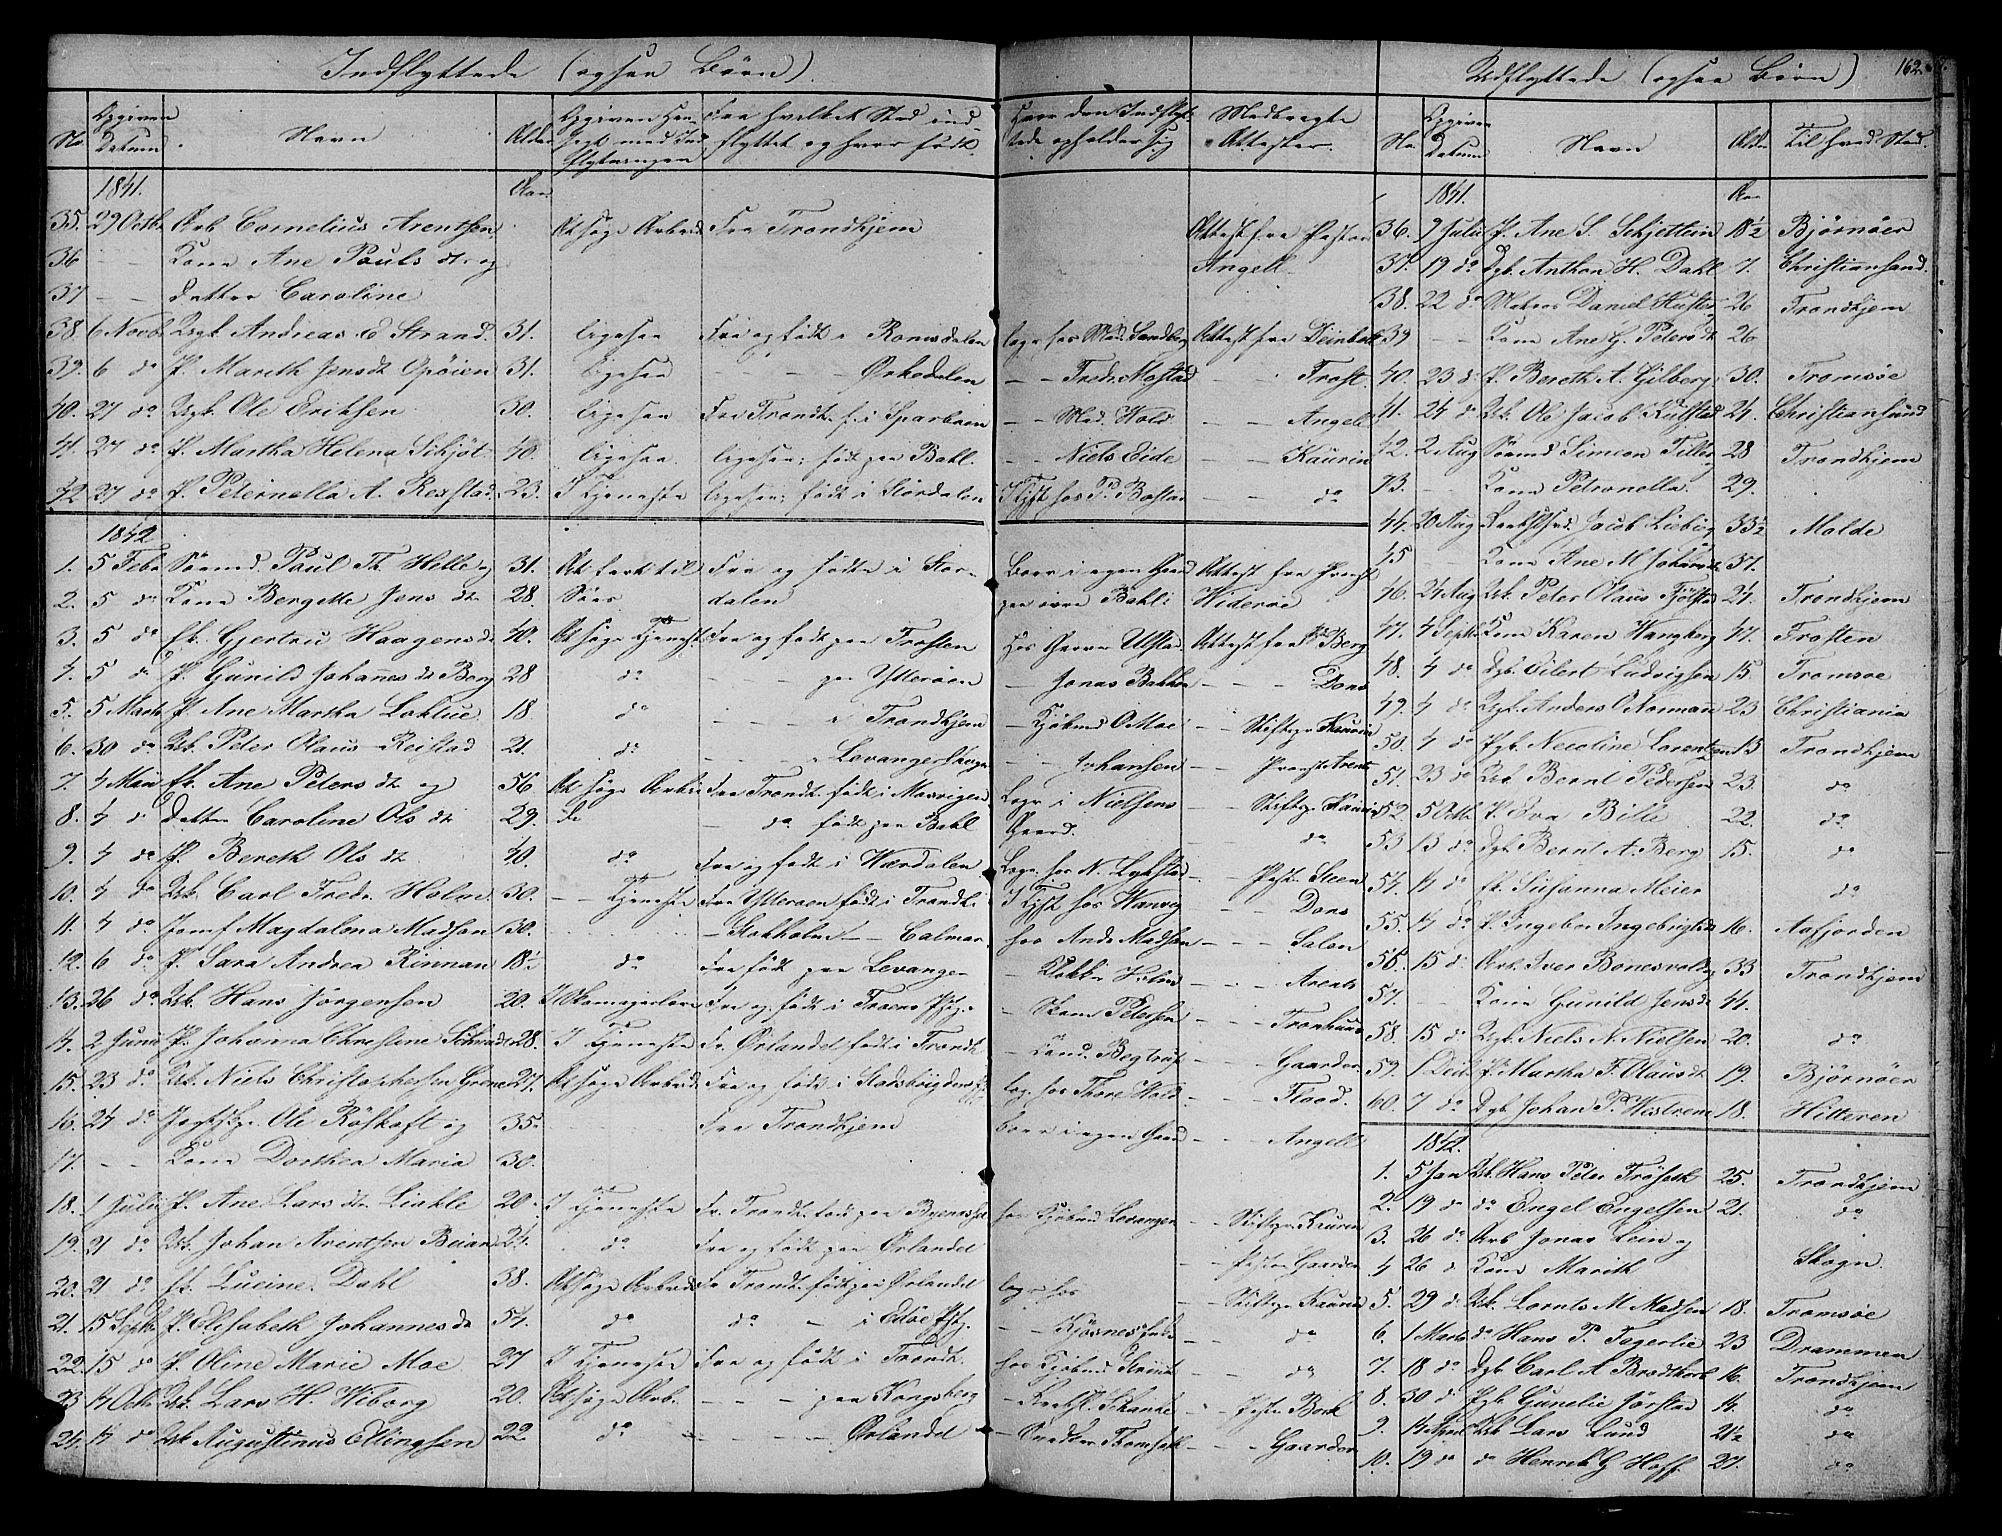 SAT, Ministerialprotokoller, klokkerbøker og fødselsregistre - Sør-Trøndelag, 604/L0182: Ministerialbok nr. 604A03, 1818-1850, s. 162